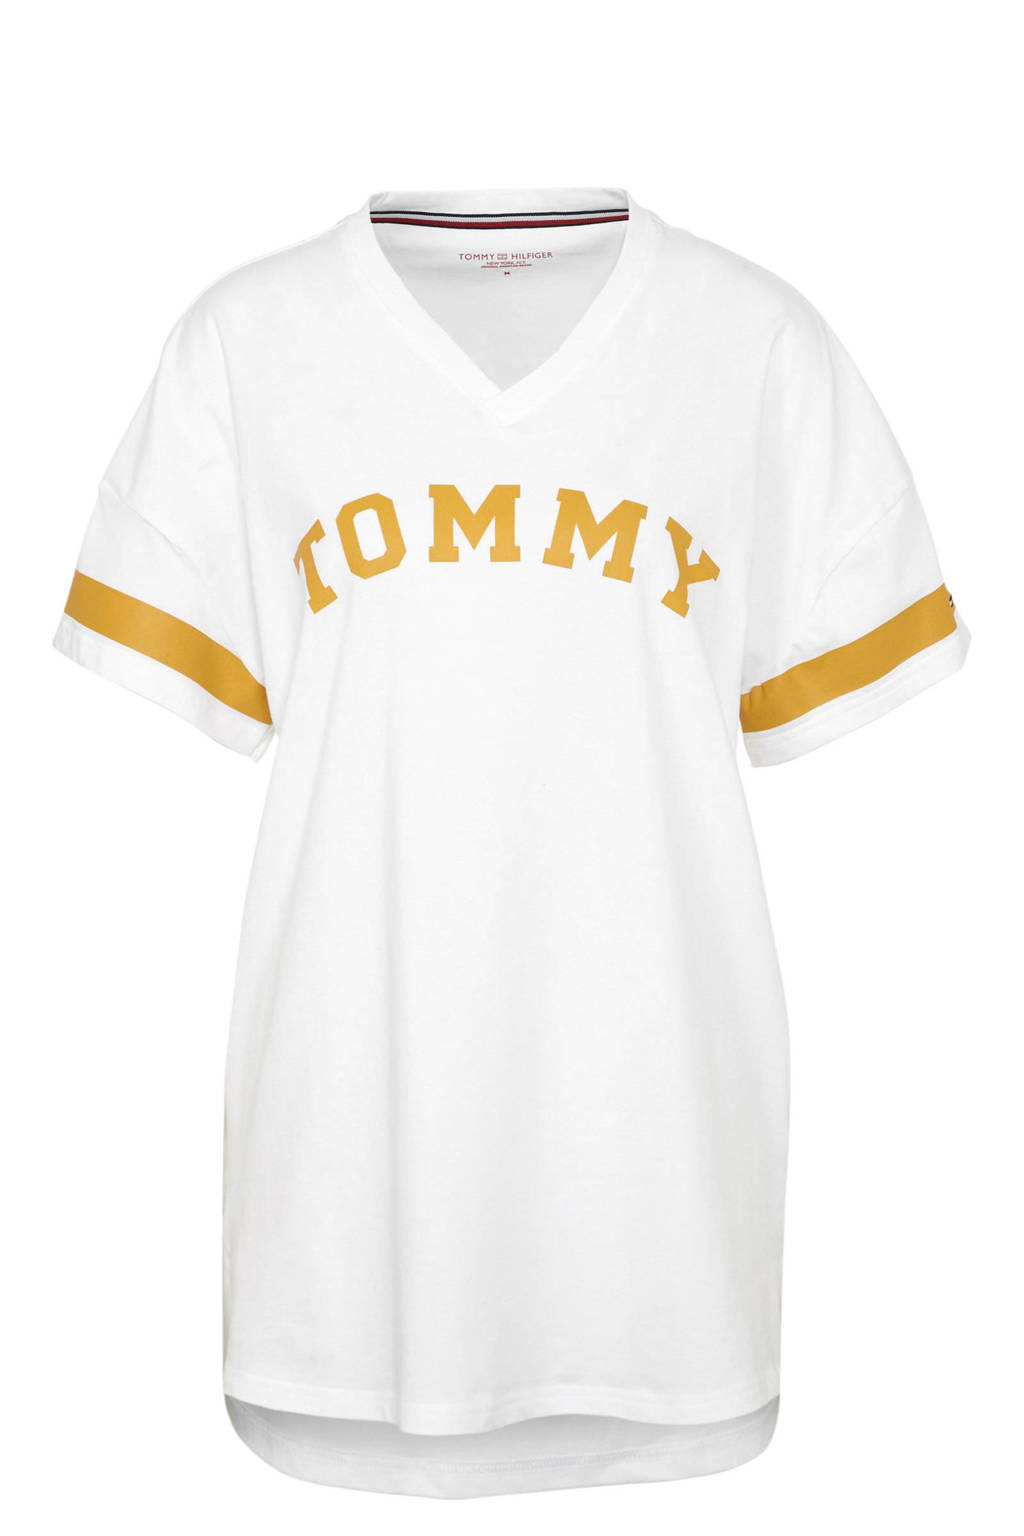 Tommy Hilfiger nachthemd met V-hals wit, Wit/okergeel